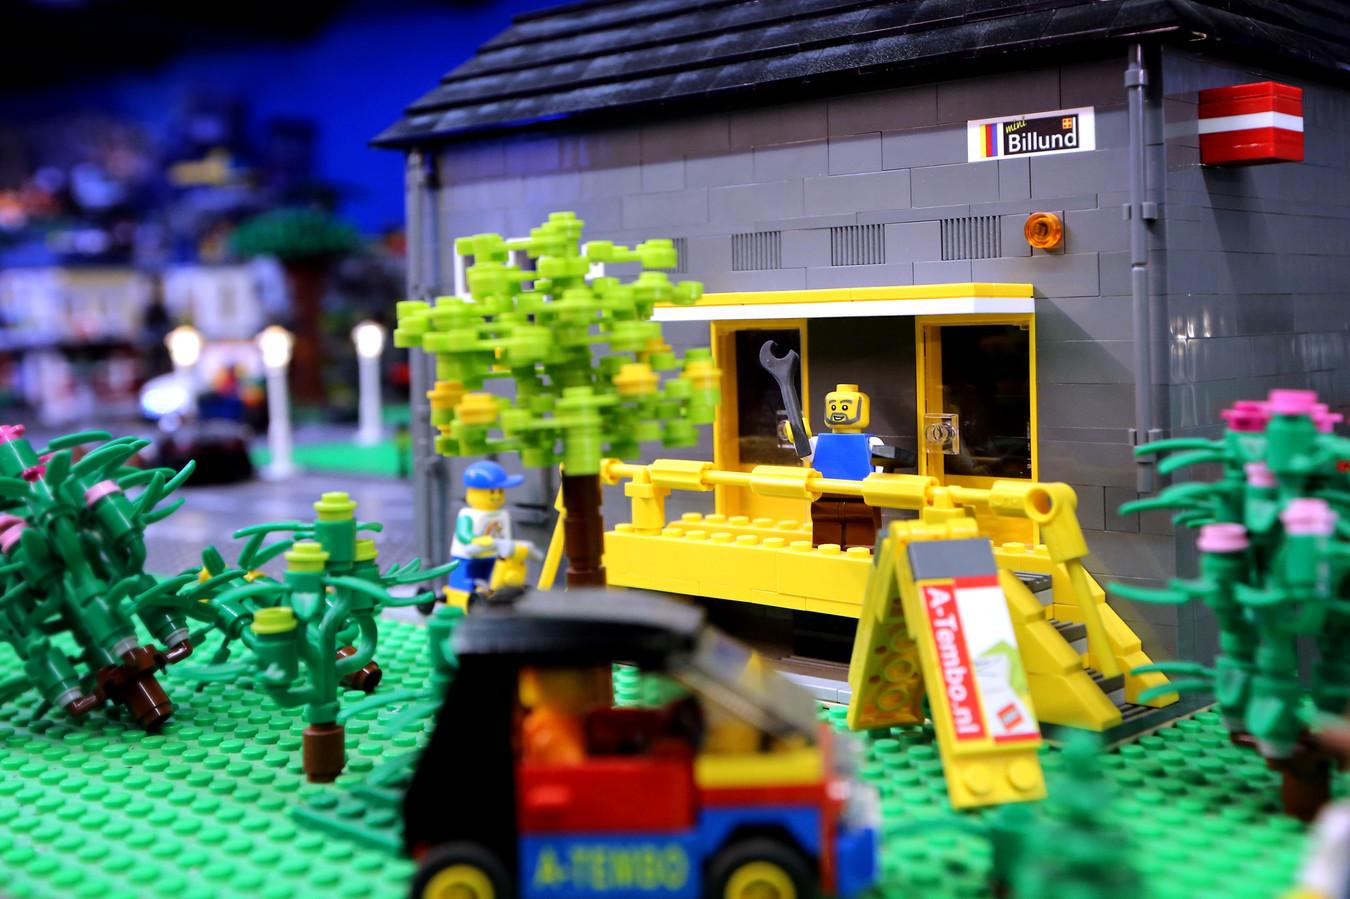 Ook het gebouw van Mini-Billund, het regionale LEGO-paradijs, is nagebouwd in hun eigen panorama.